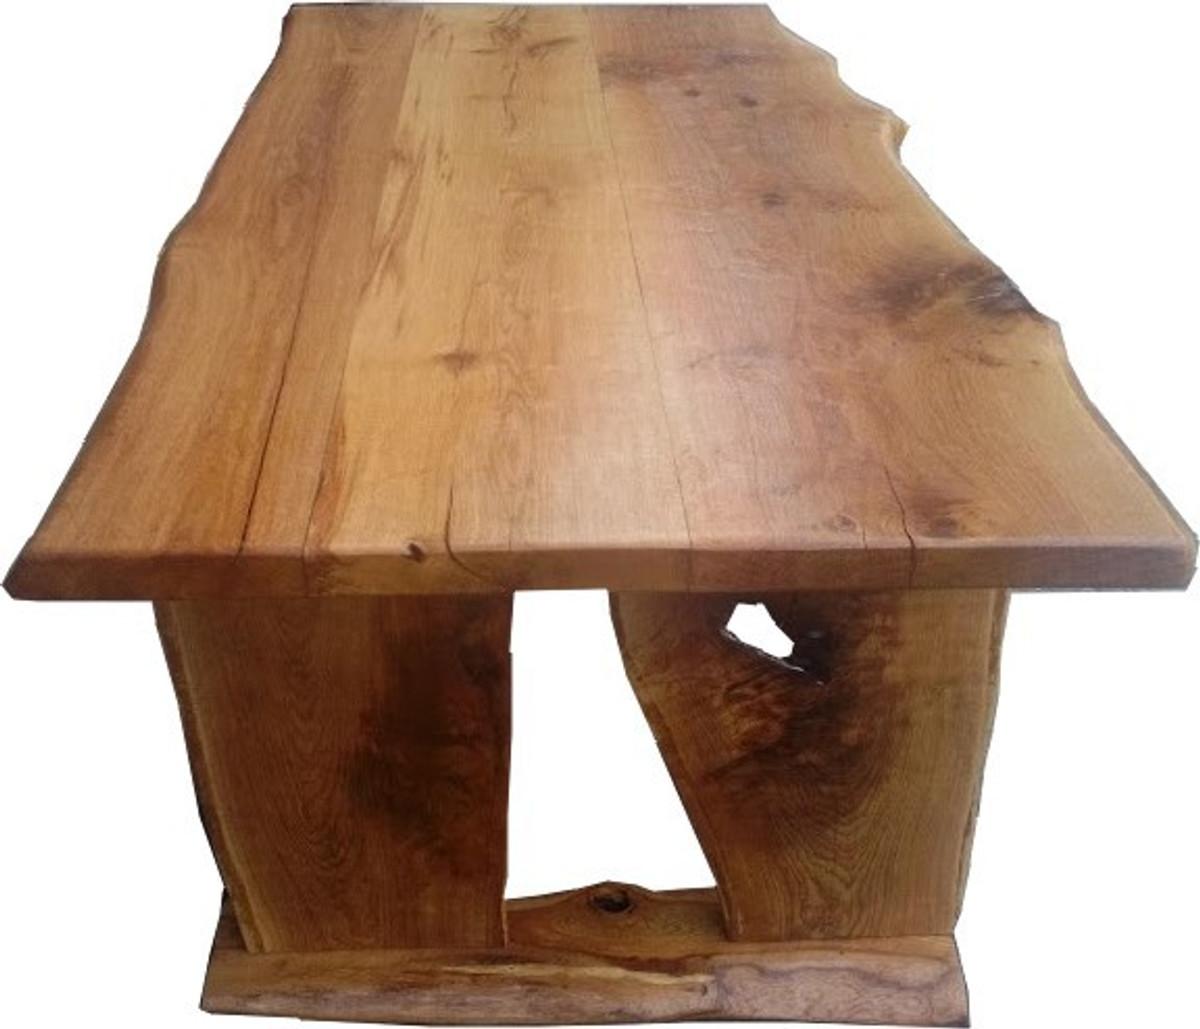 Casa Padrino Vintage Esstisch Eiche Rustikal Massiv 200 X 100 Cm Mod Tr2 Landhaus Stil Tisch Massives Eichenholz Barockgrosshandel De